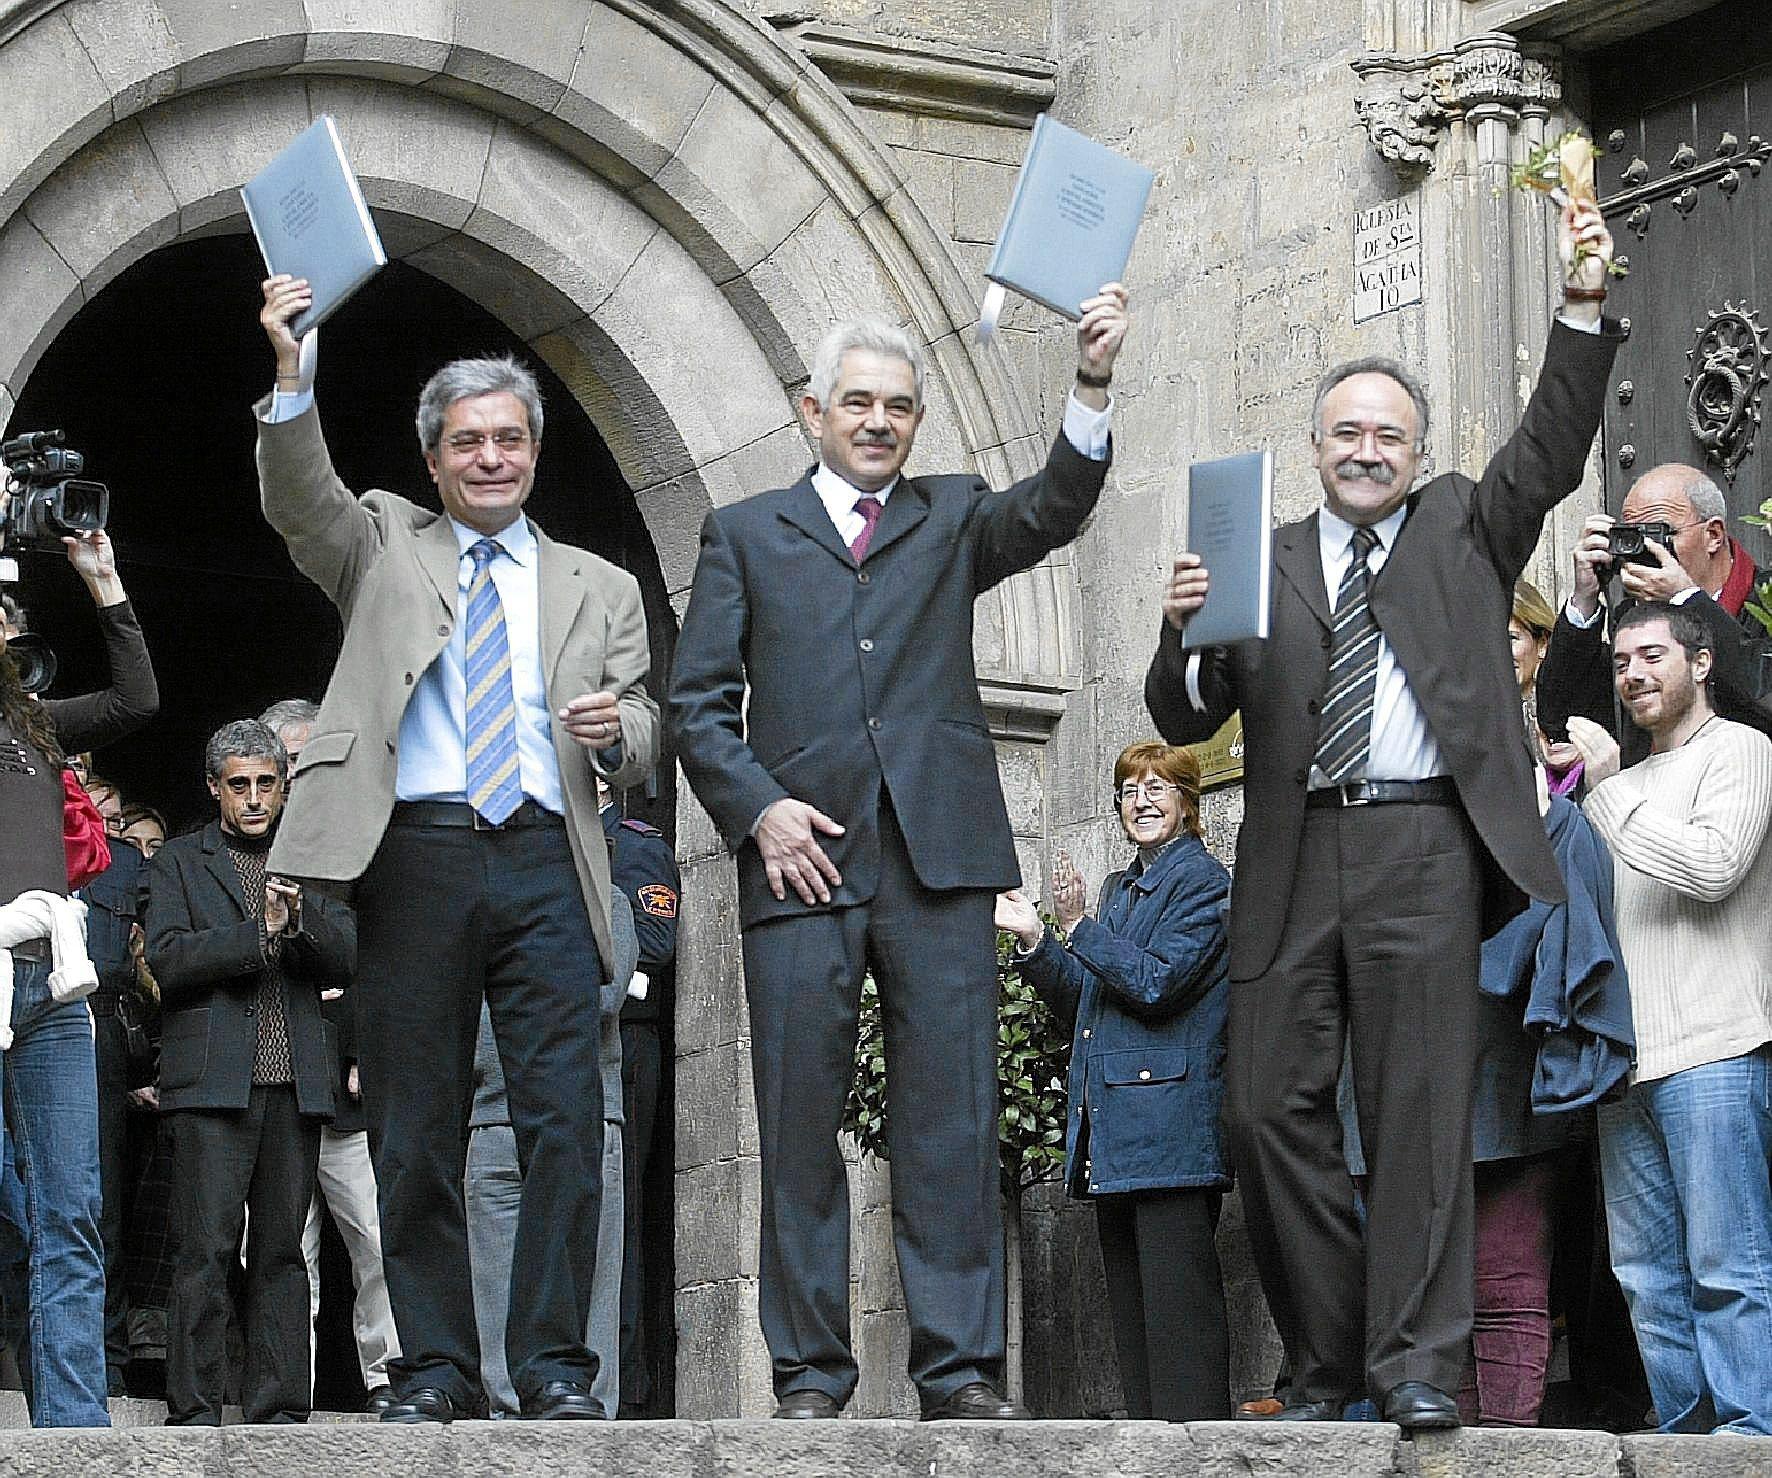 Joan Saura, Pasqual Maragall y Josep Lluís Carod-Rovira, el 14 de diciembre de 2003, tras presentar su pacto de gobierno en el Salón del Tinell.